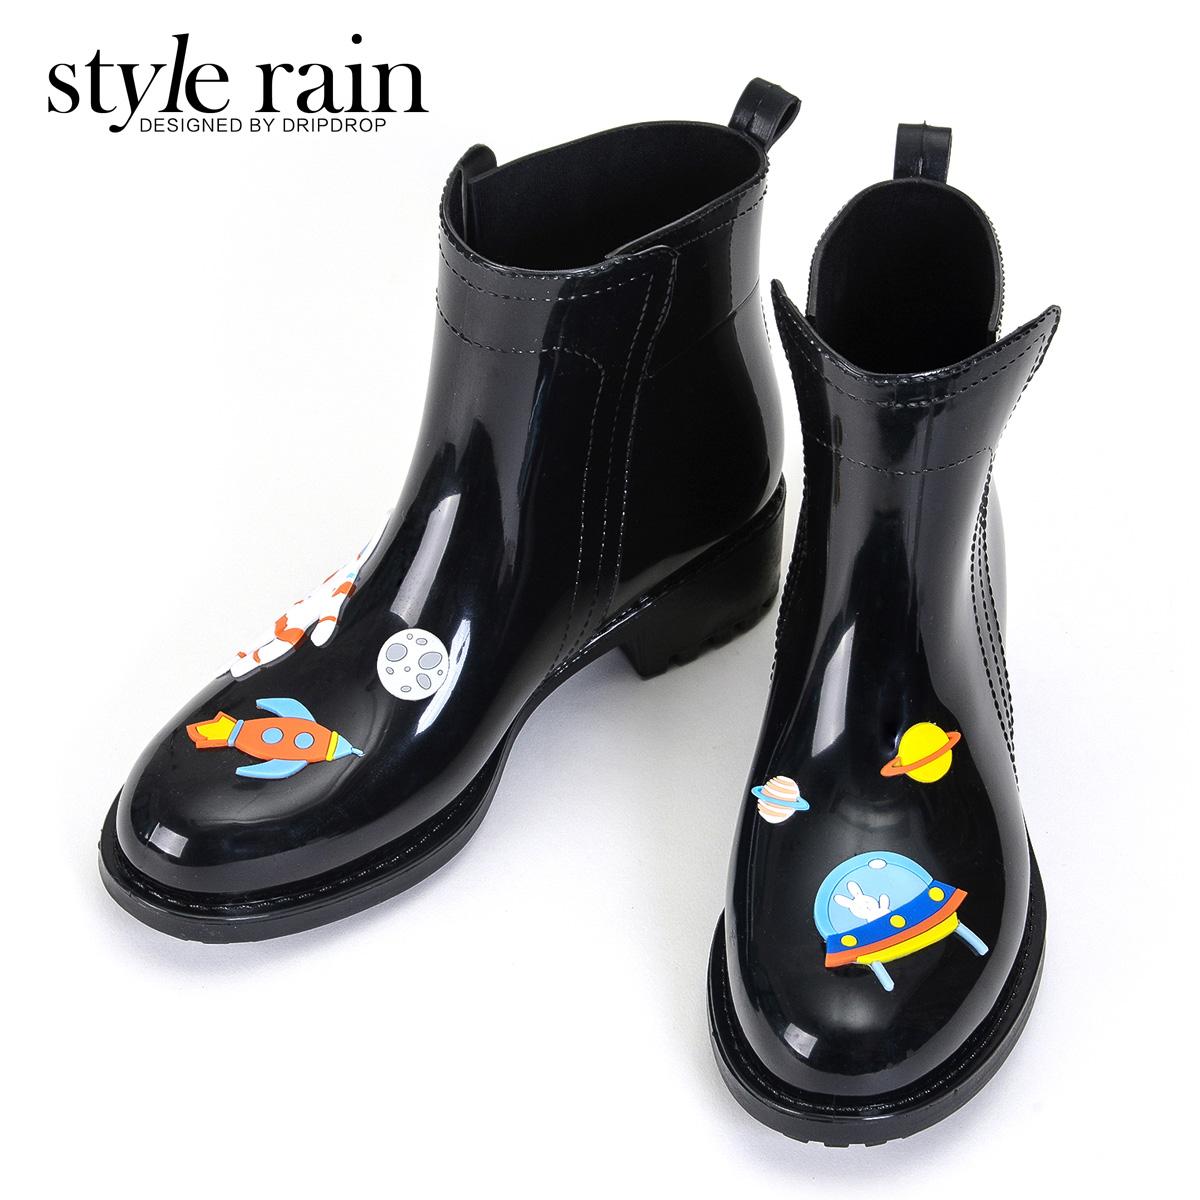 時代林2016時尚手繪風女式低筒雨靴水靴水鞋膠鞋韓版雨鞋女